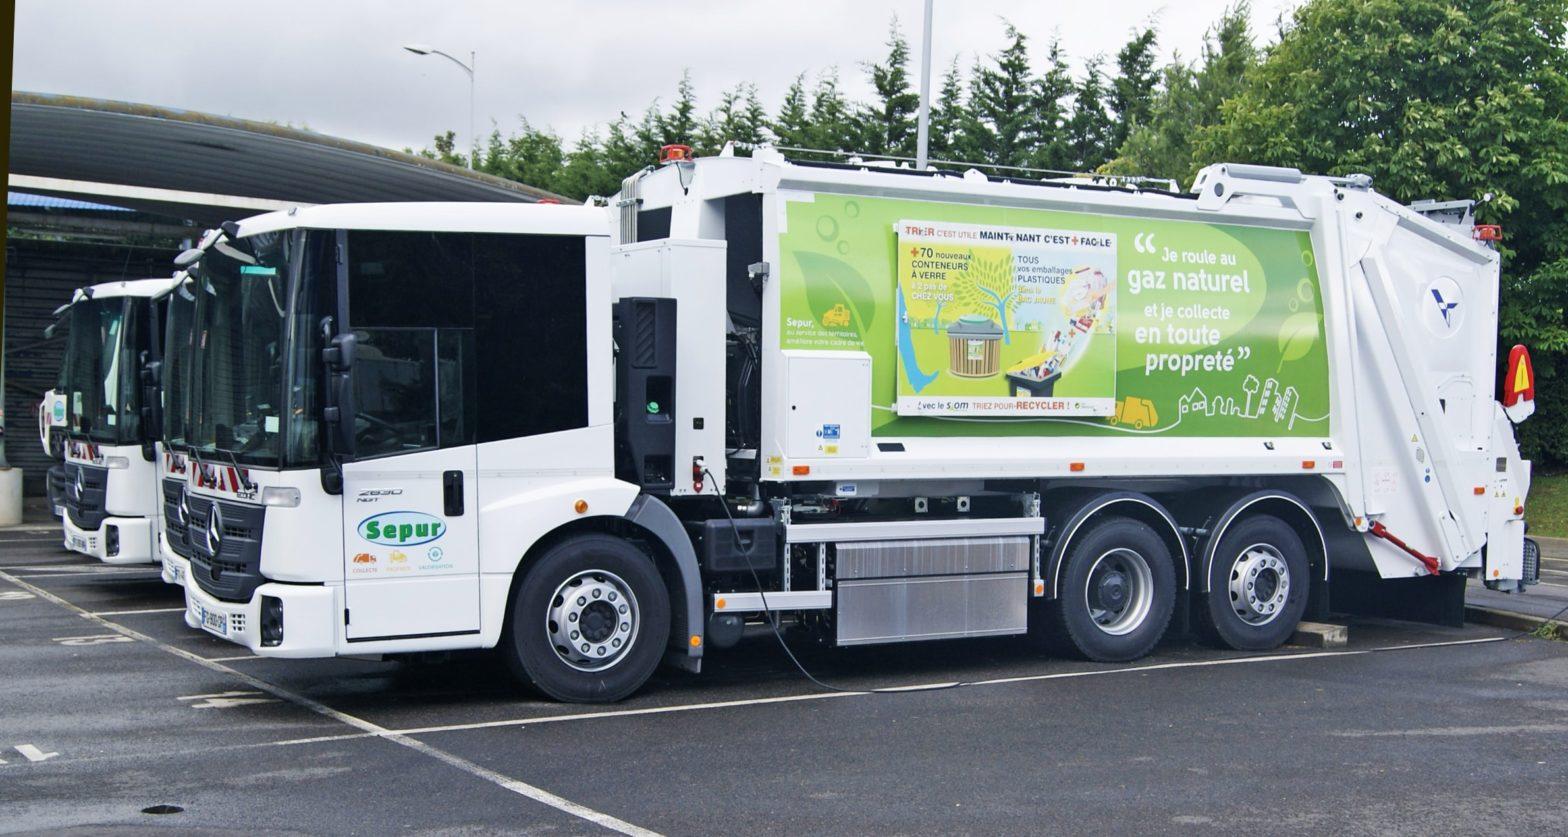 Une collecte innovante, de nouveaux camions poubelle